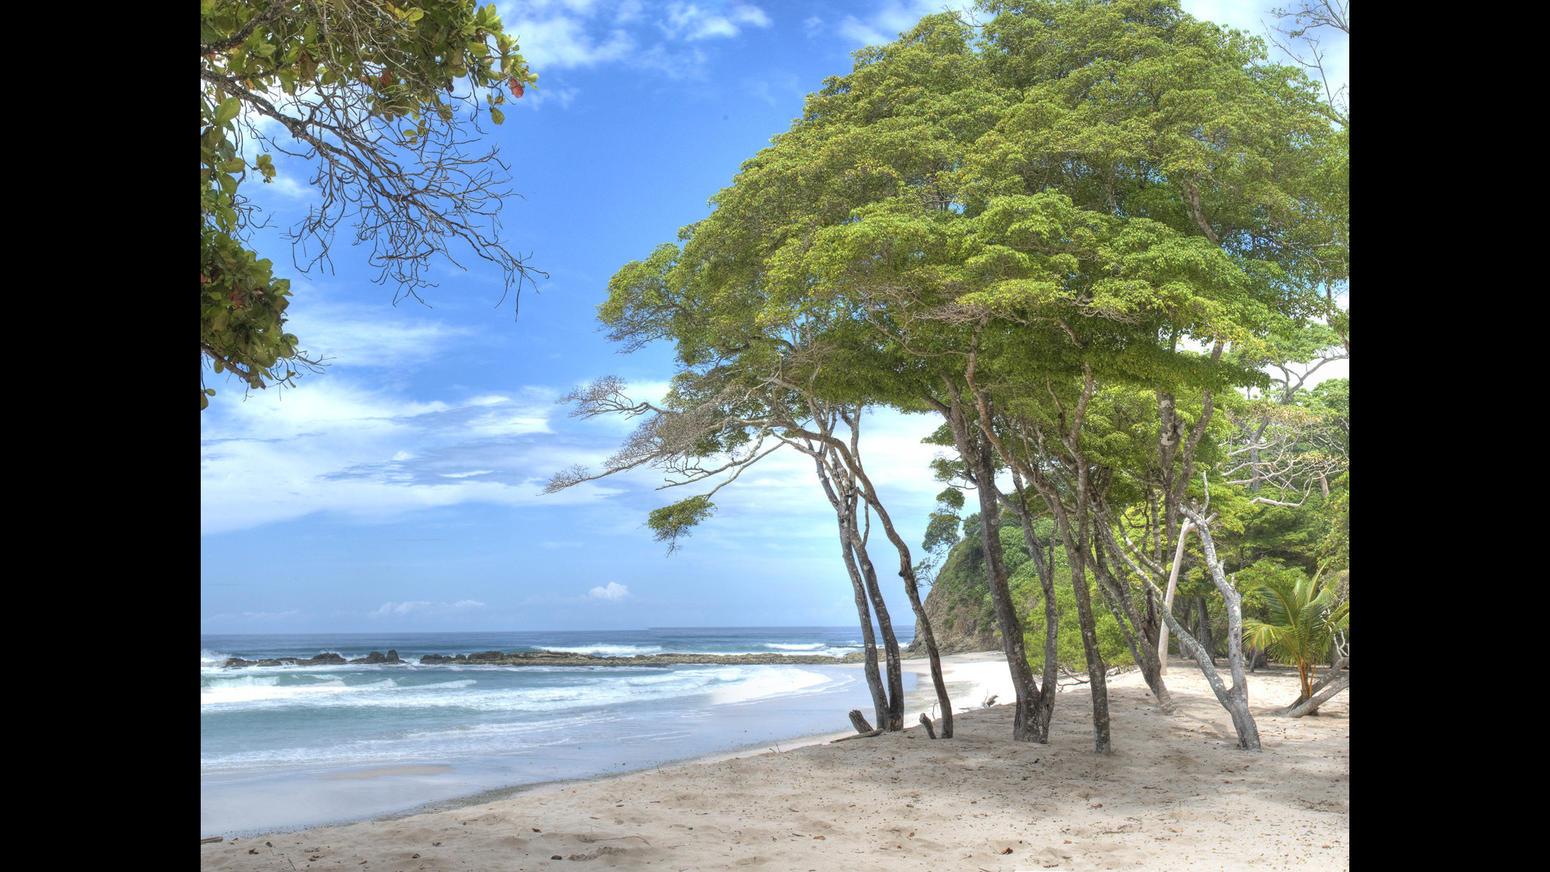 In vendita la villa nella giungla del costa rica di mel gibson for Piscina tartarughe